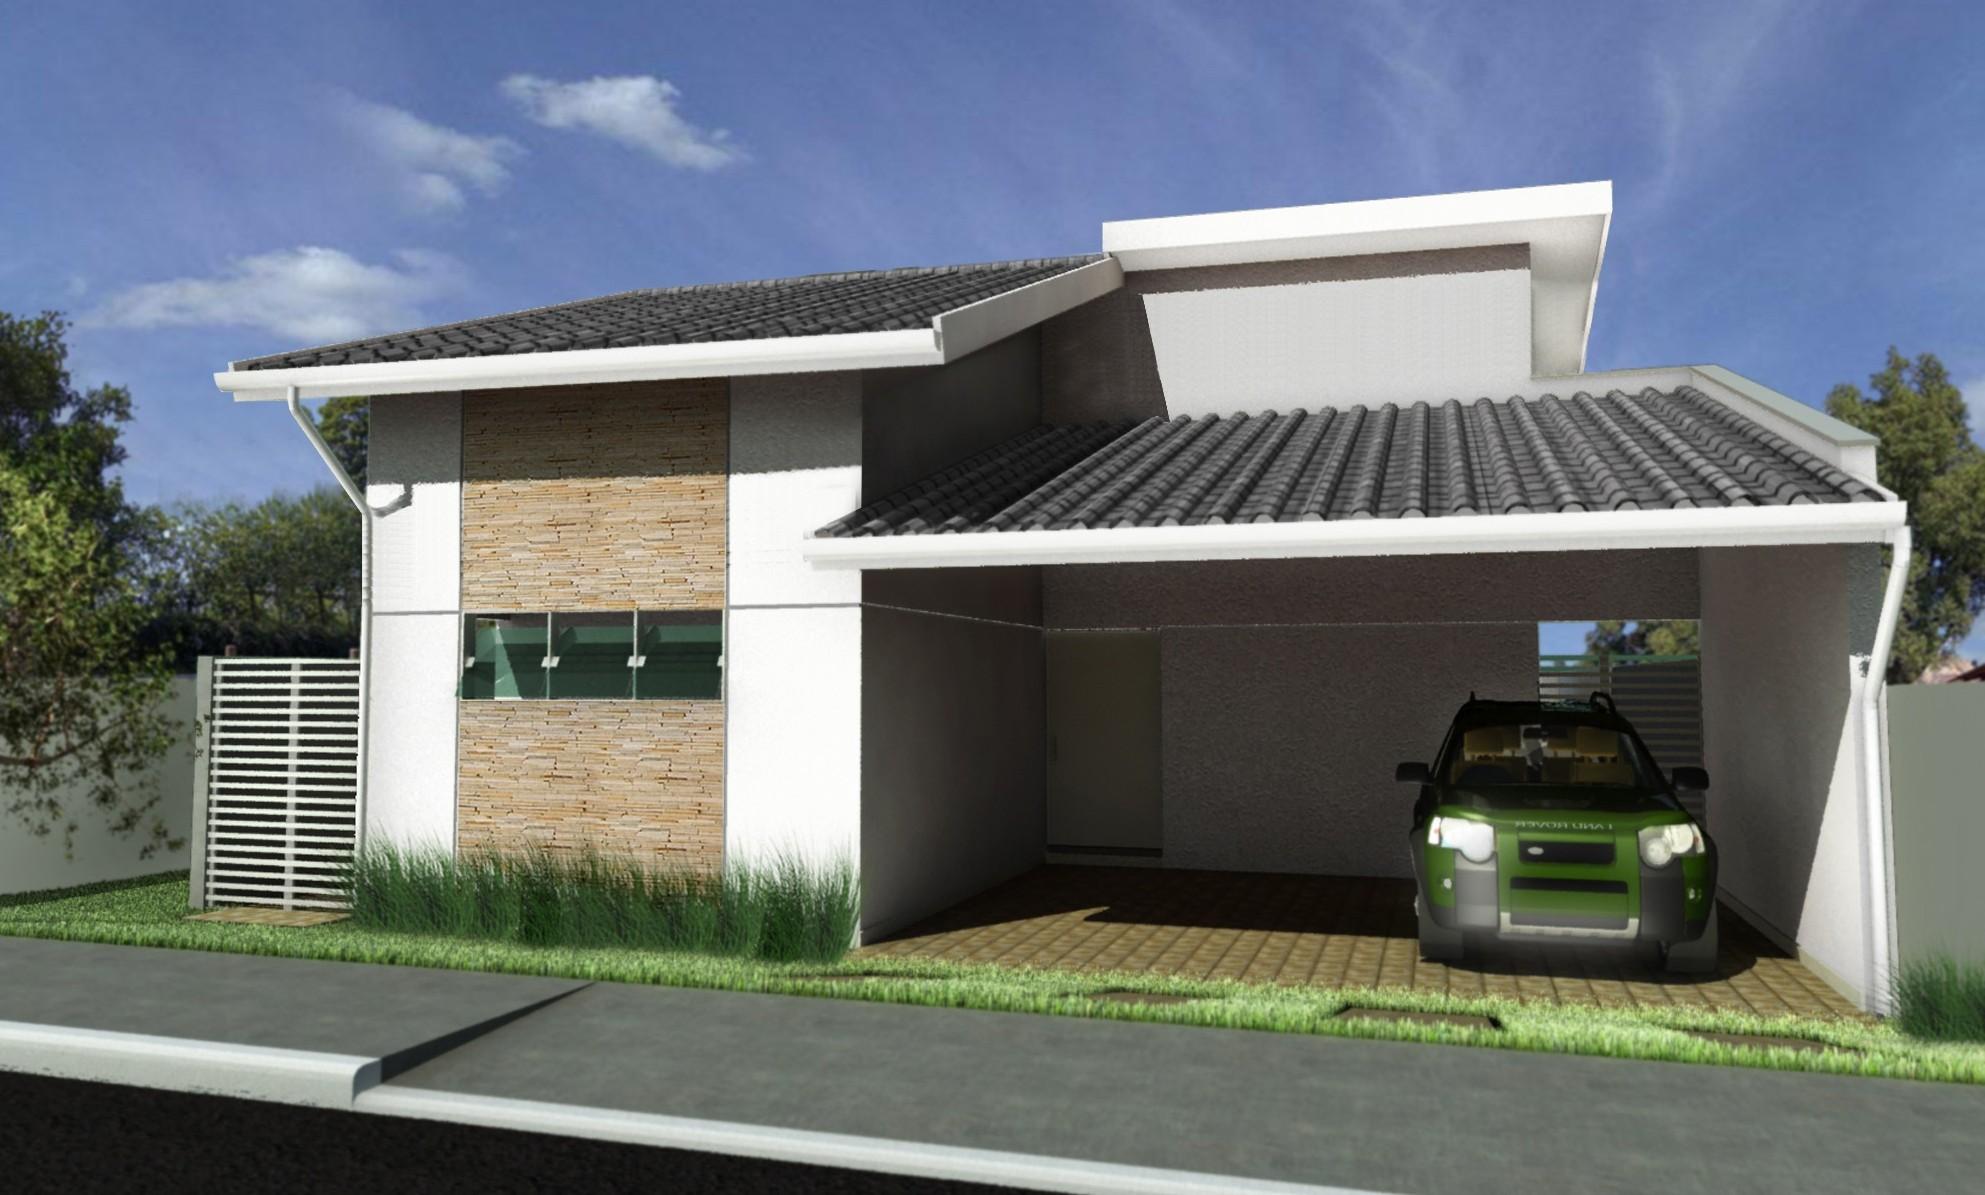 10 modelos de fachadas de casas baratas for Modelos de fachadas de casas